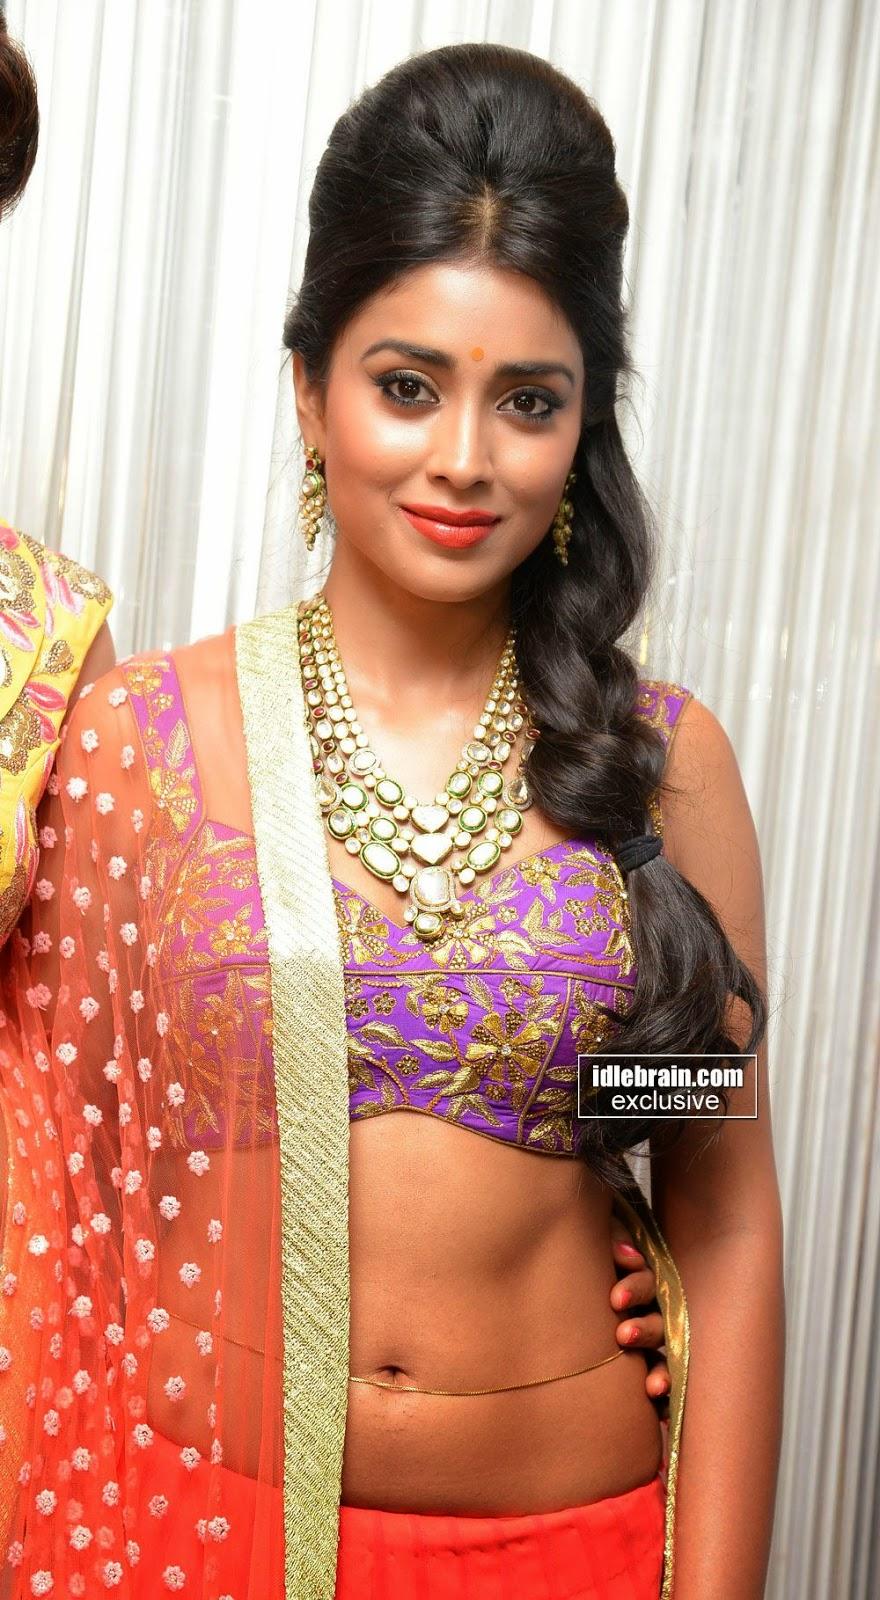 Actress Navel Shriya Saran Hot Navel Show